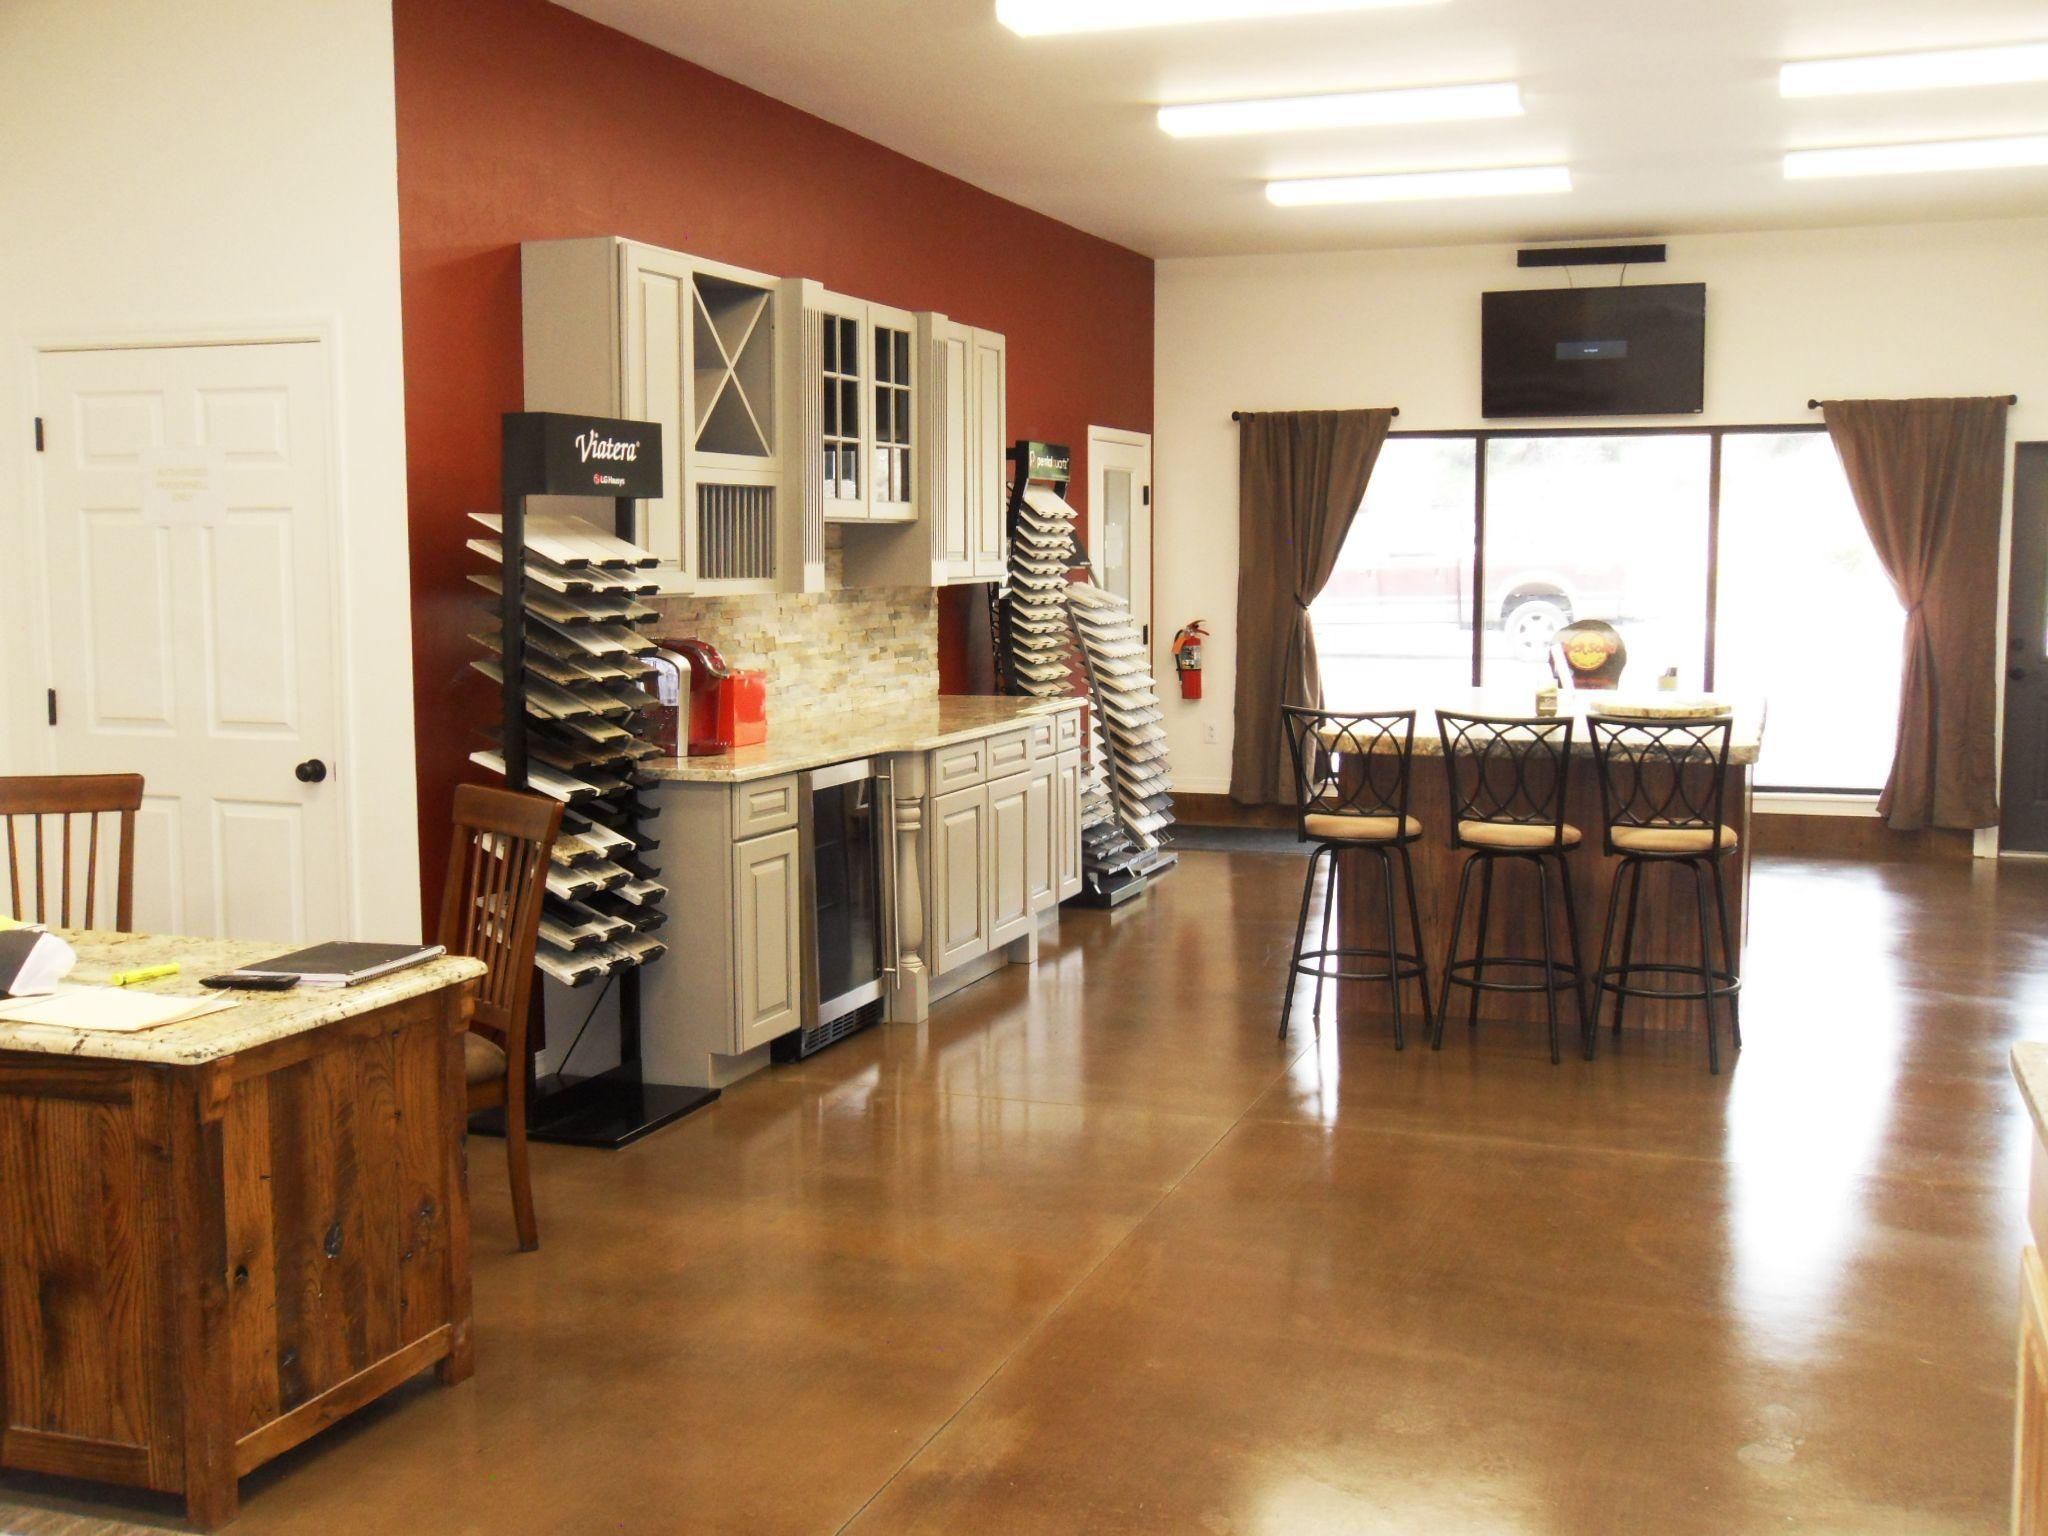 Excepcional Manchando Muebles De Cocina Colección de Imágenes ...